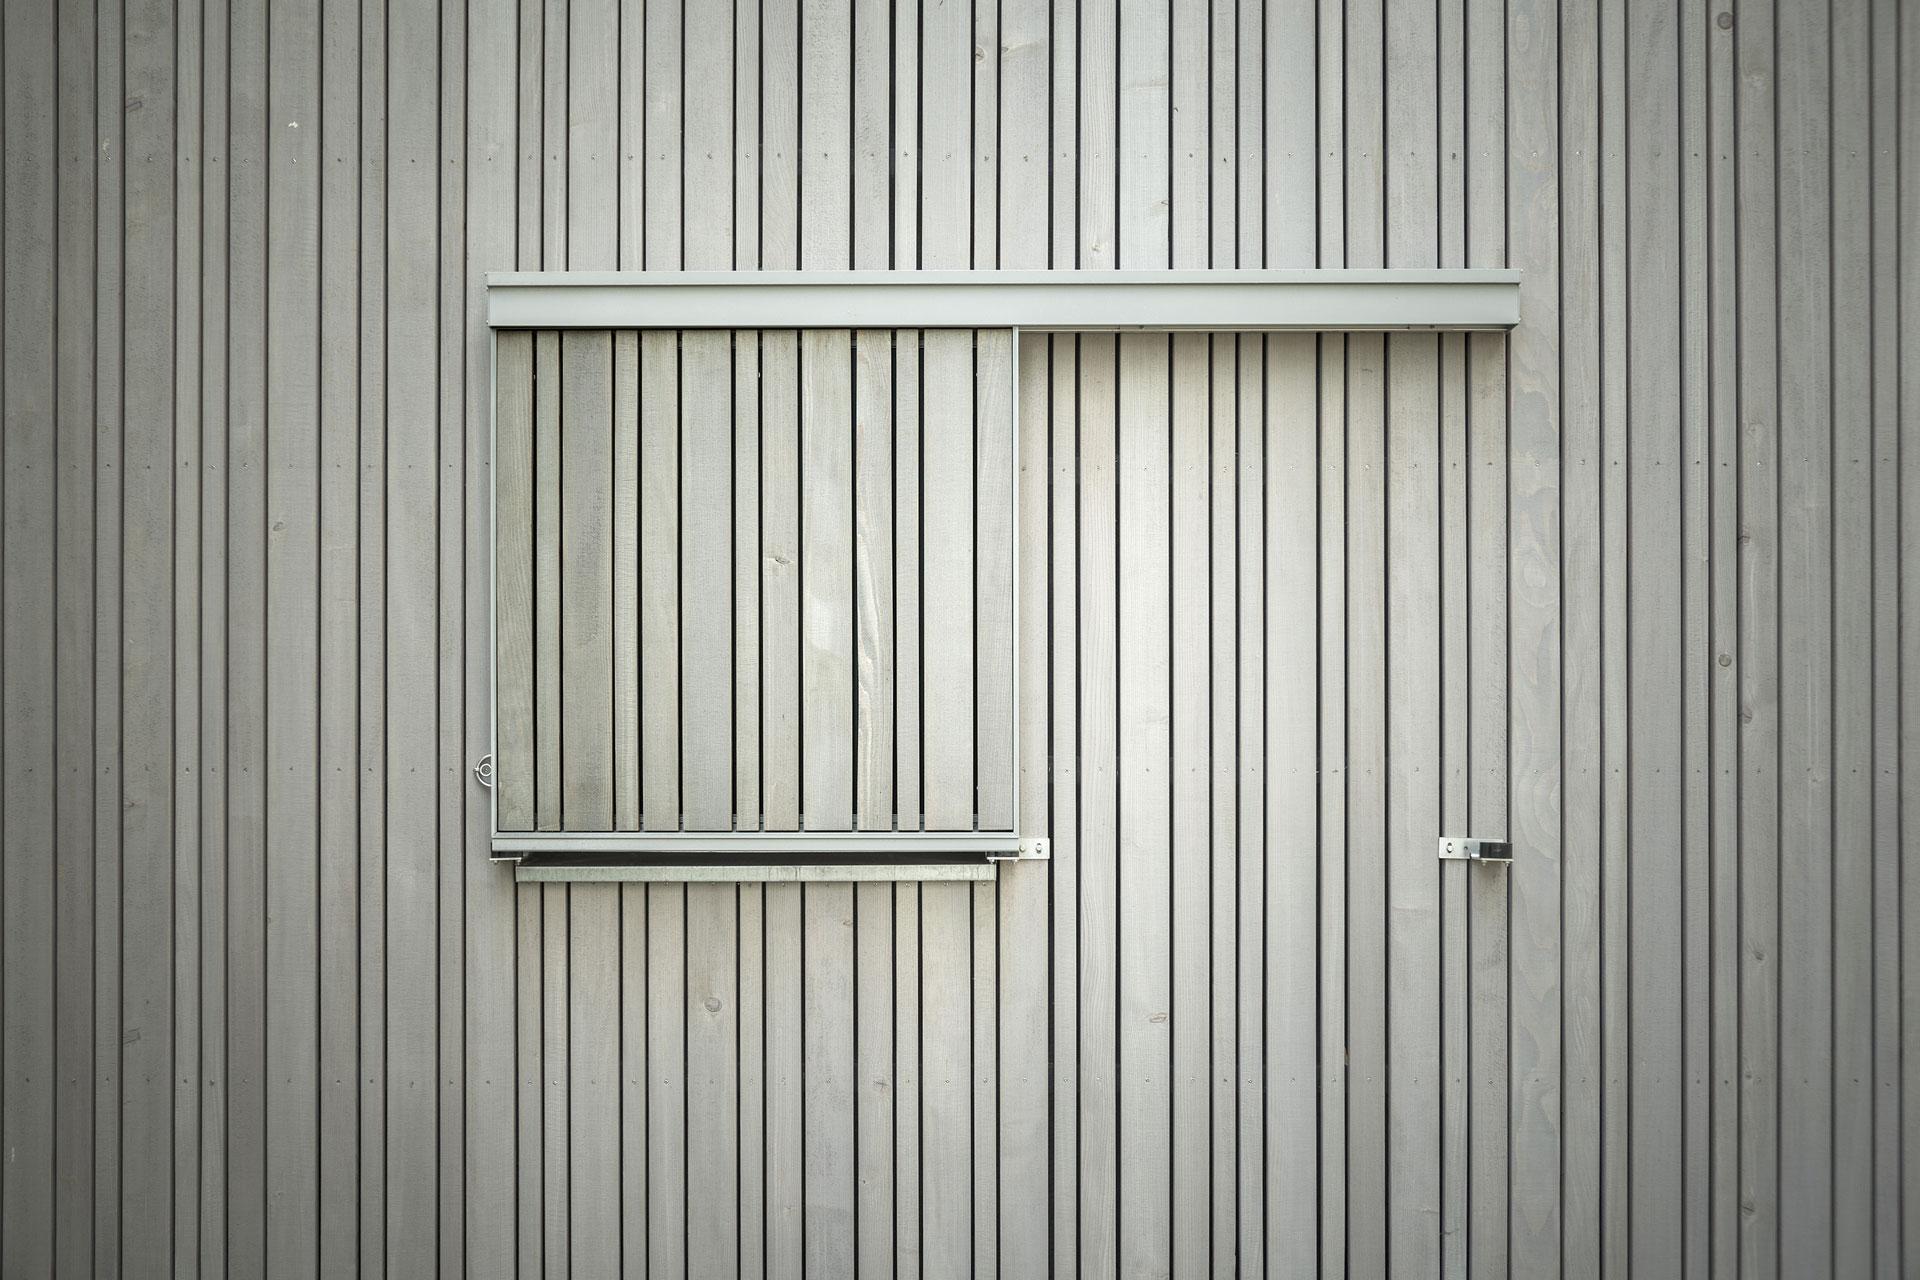 Fassadearbeiten am Ferienhaus im Landkreis NWM